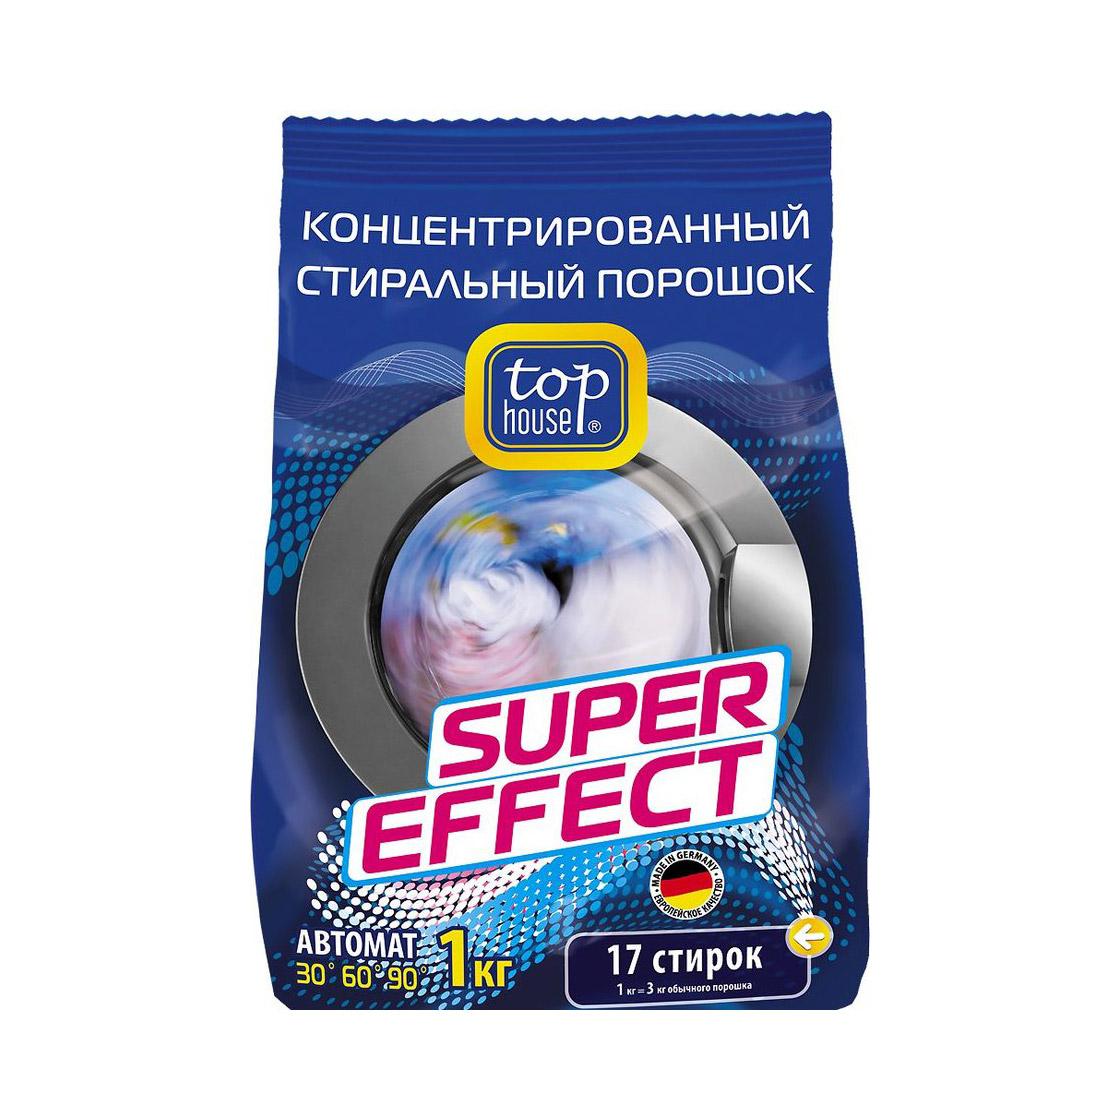 Стиральный порошок Top House Super Effect 1 кг